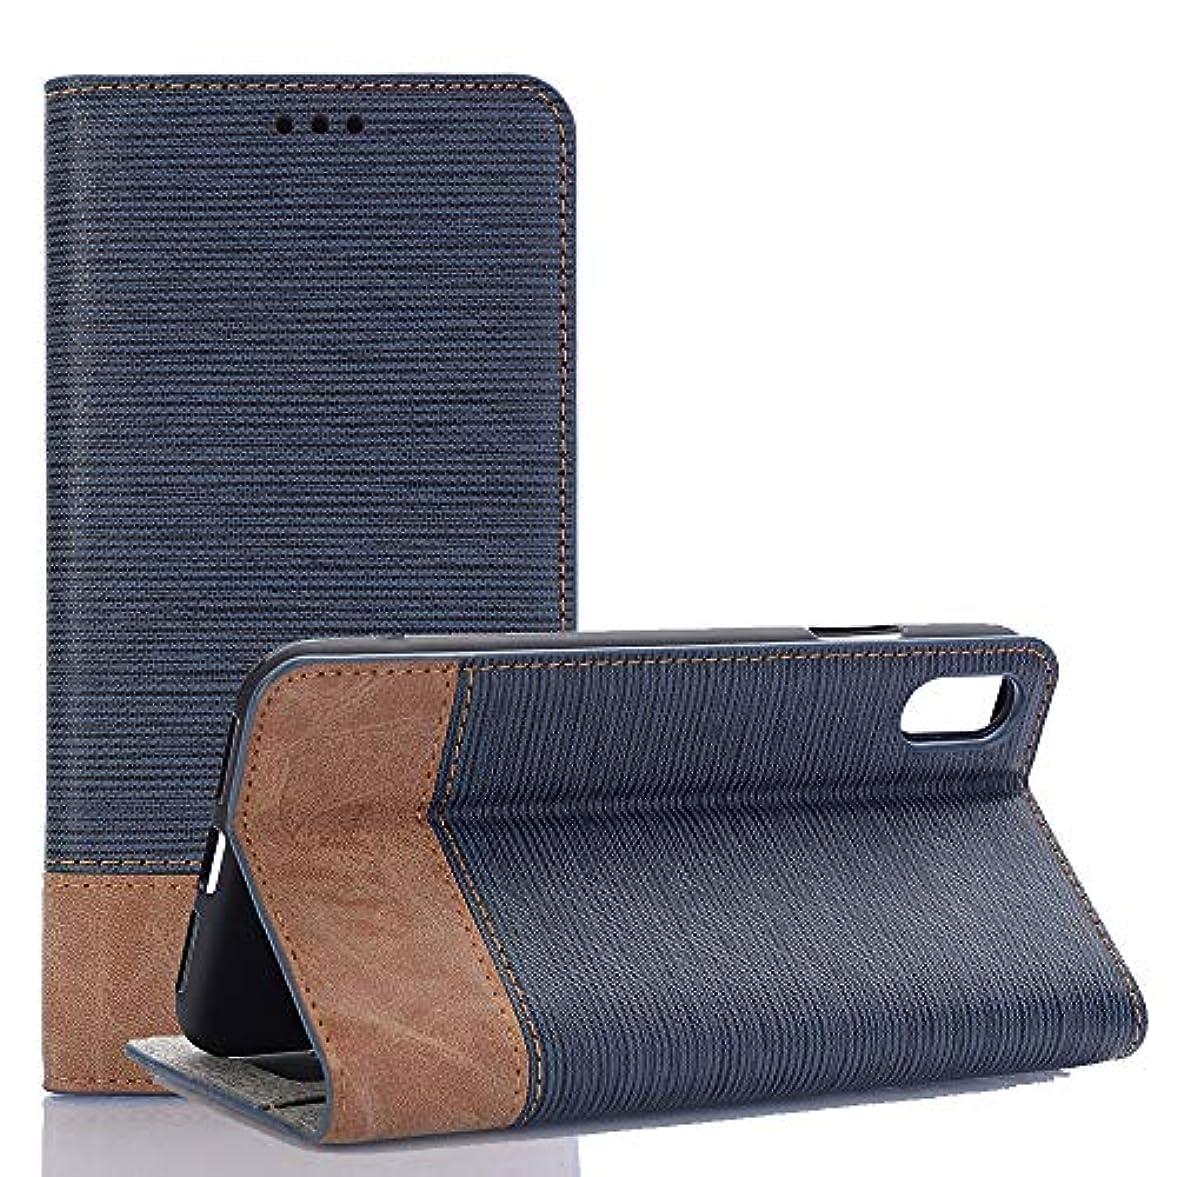 最も早い高める知覚できるGalaxy S9 ケース、INorton 本革ケース 全面保護 衝撃吸収 スタンド機能 カード収納 手帳型 スマートケース Galaxy S9対応